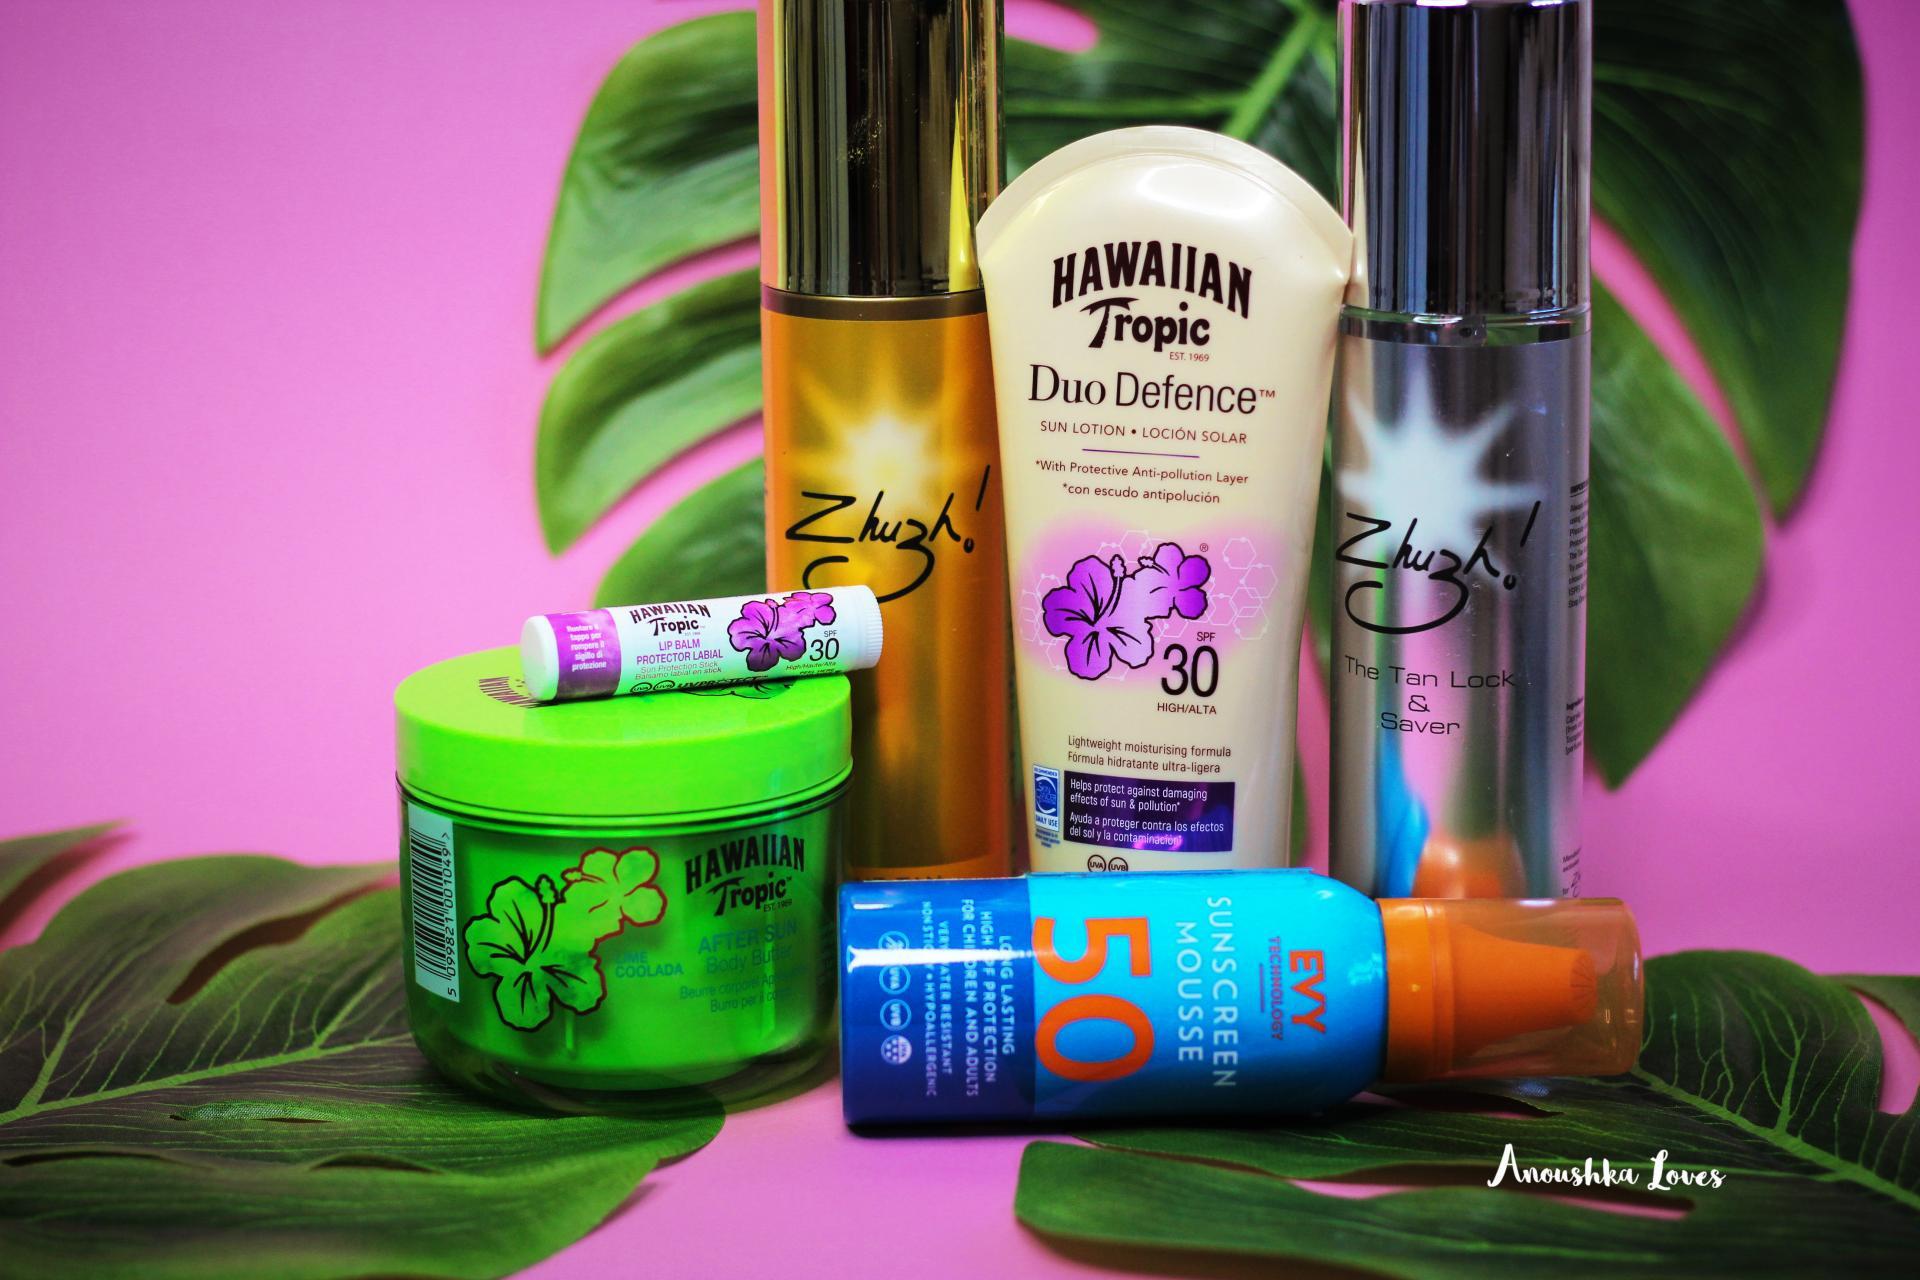 holiday suncare evo hawaiian tropic zshush